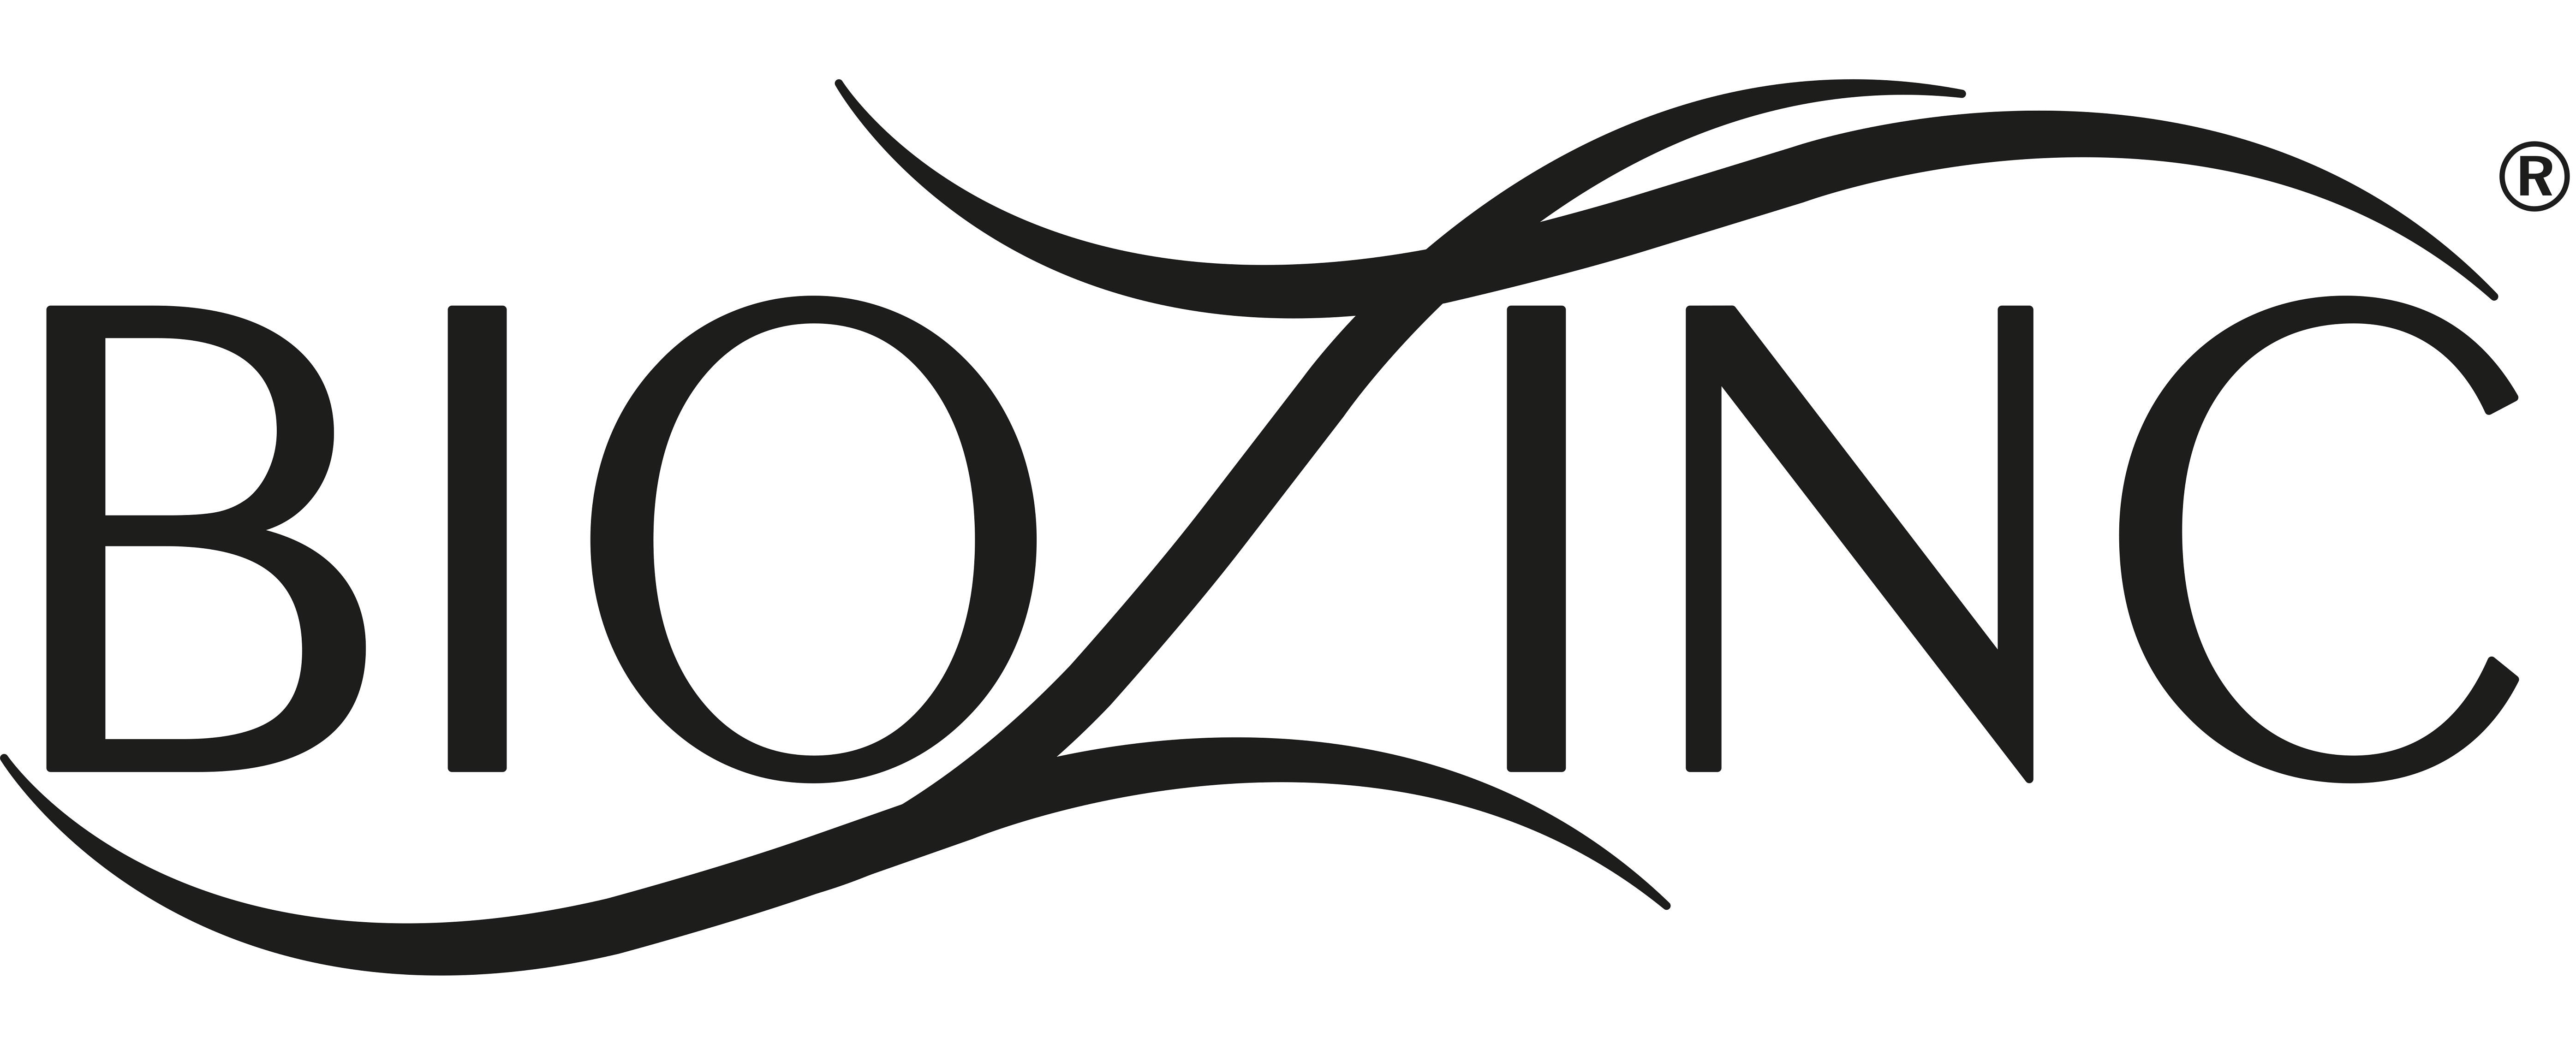 biozinc.com.tr